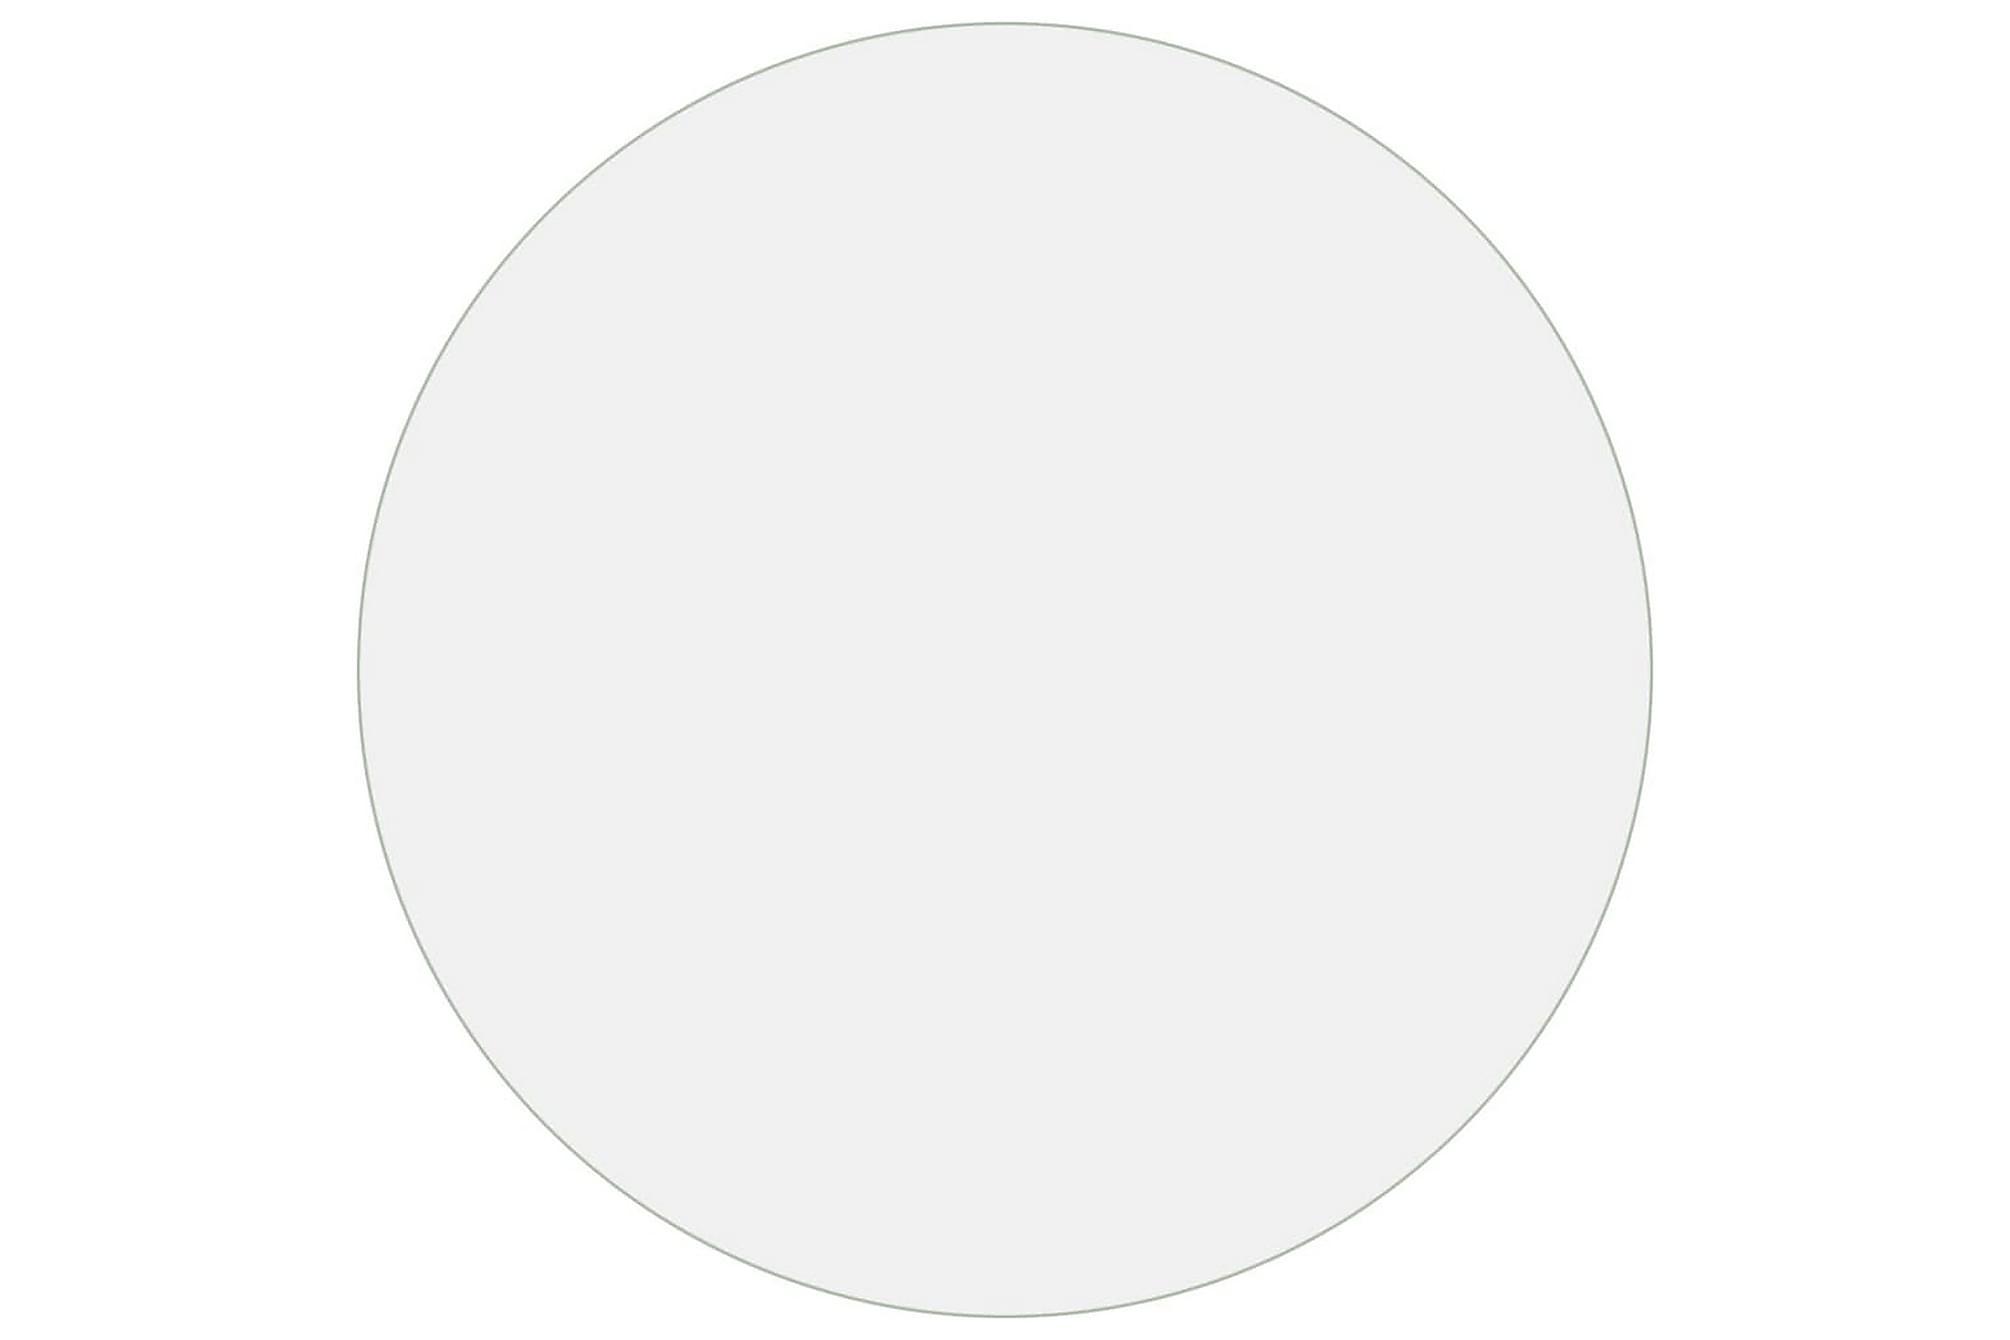 Bordsskydd genomskinligt Ã? 100 cm 2 mm PVC, Bordsben & tillbehör